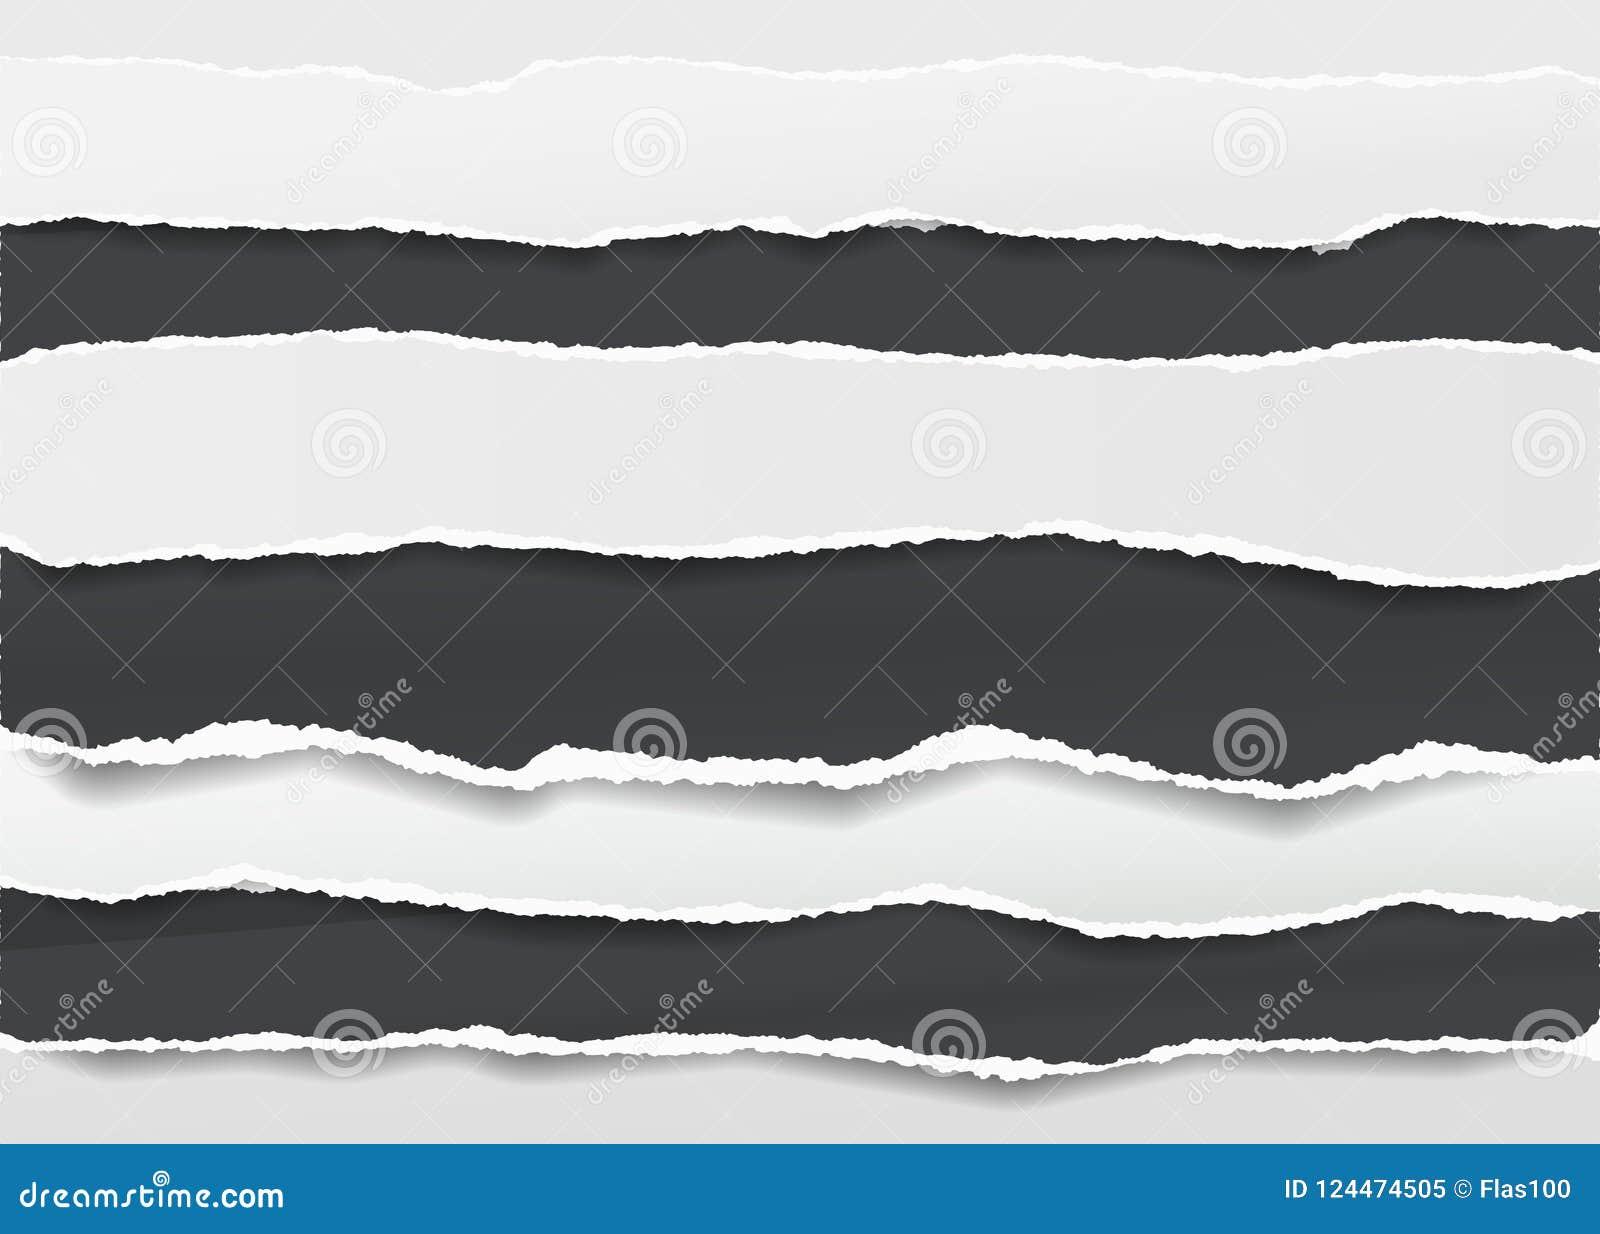 Czerń, biel rozdzierał pustych horyzontalnych nutowych papierowych paski dla teksta lub wiadomości wtykających na ciemnym tle